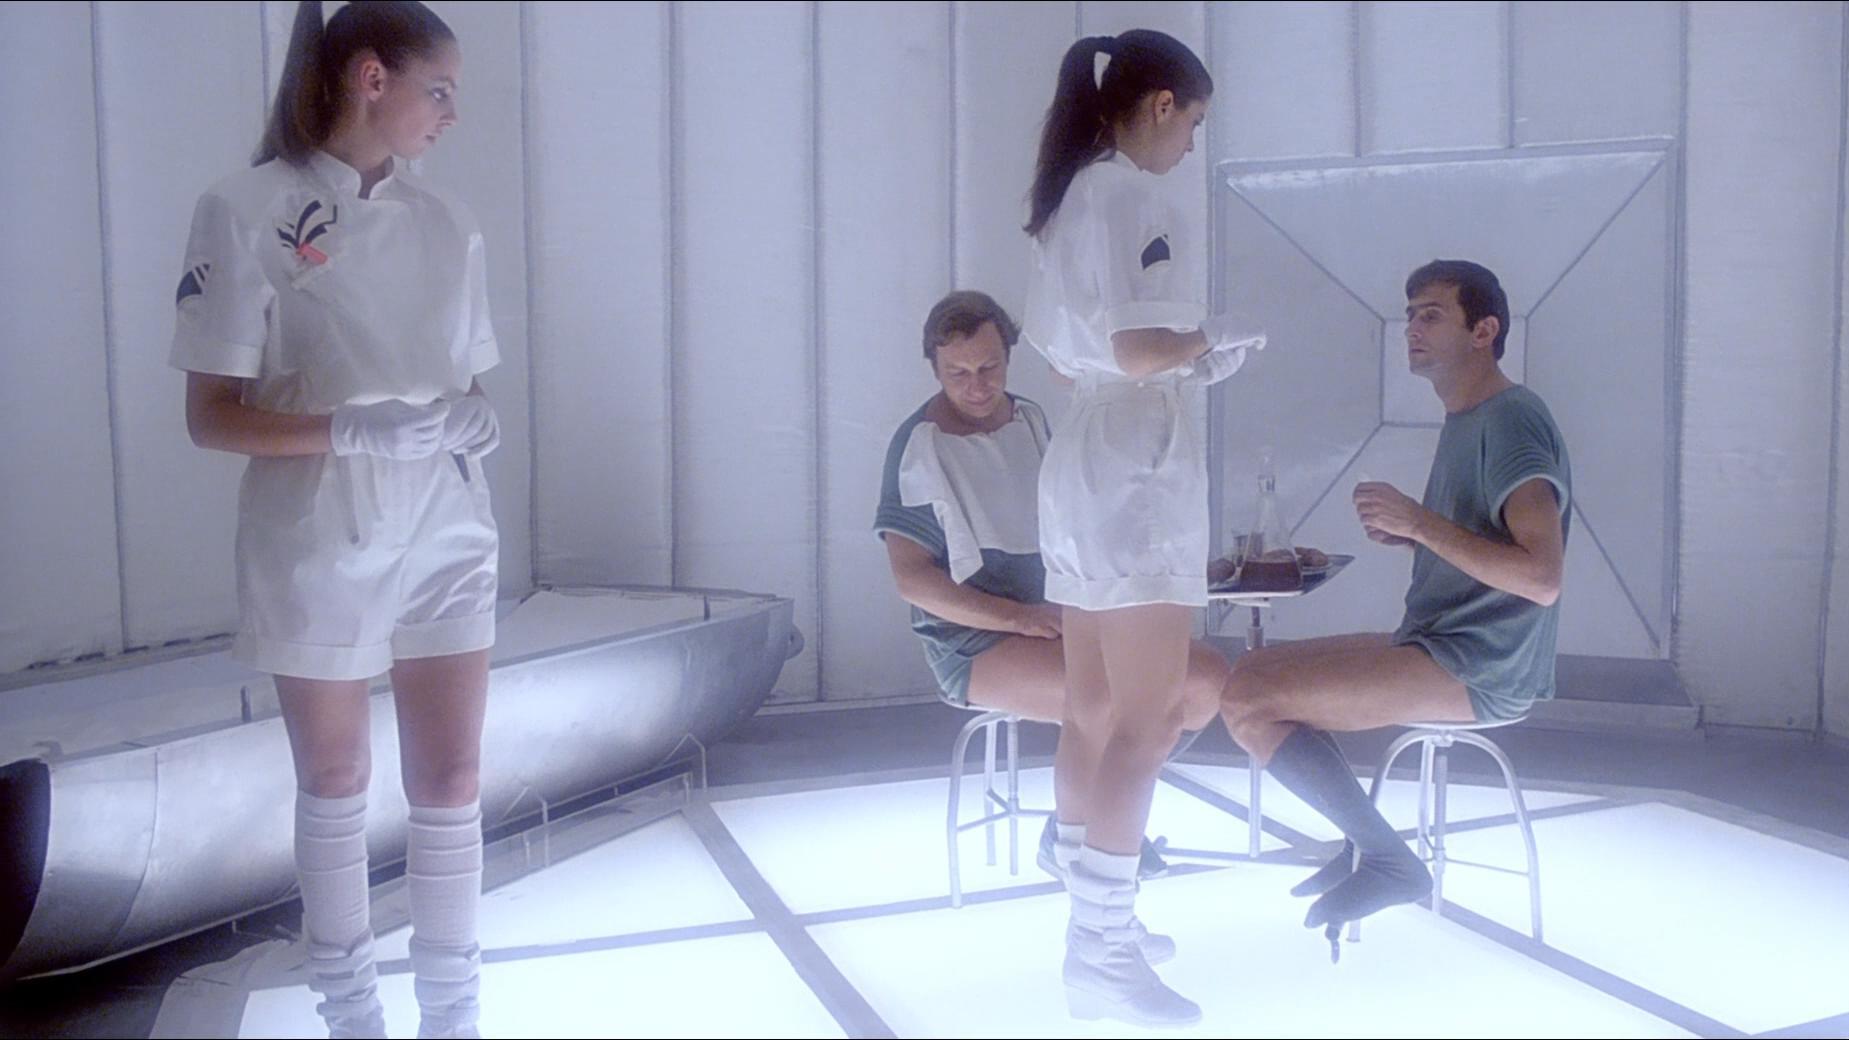 未来世界仅剩两个男人,其余全是长腿美女,他们却无法忍受